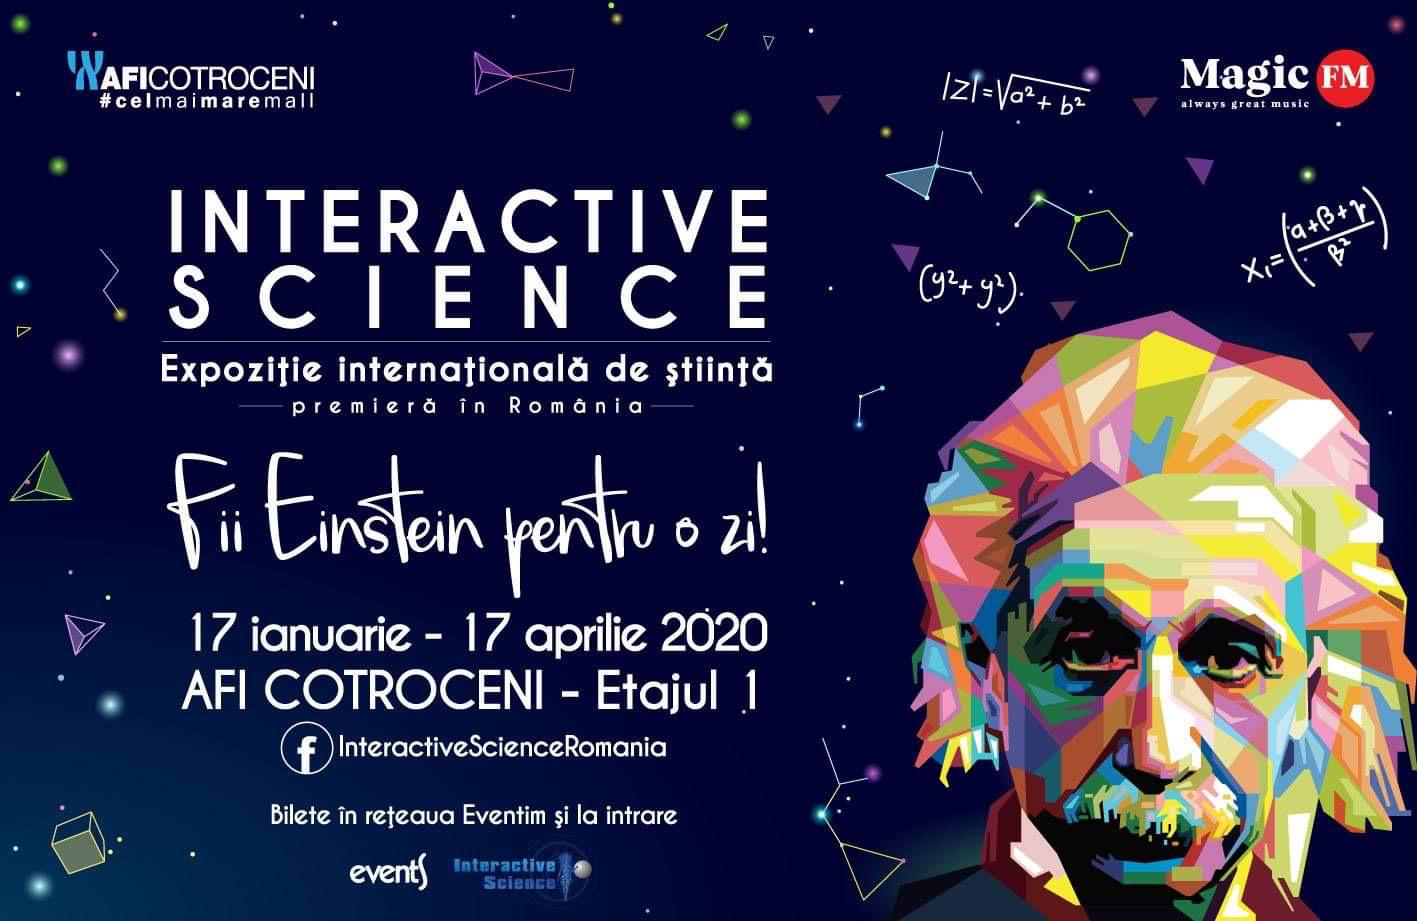 Expozitia internationala de stiinta Interactive Science are loc intre 17 ianuarie – 17 aprilie, in premiera la Bucuresti